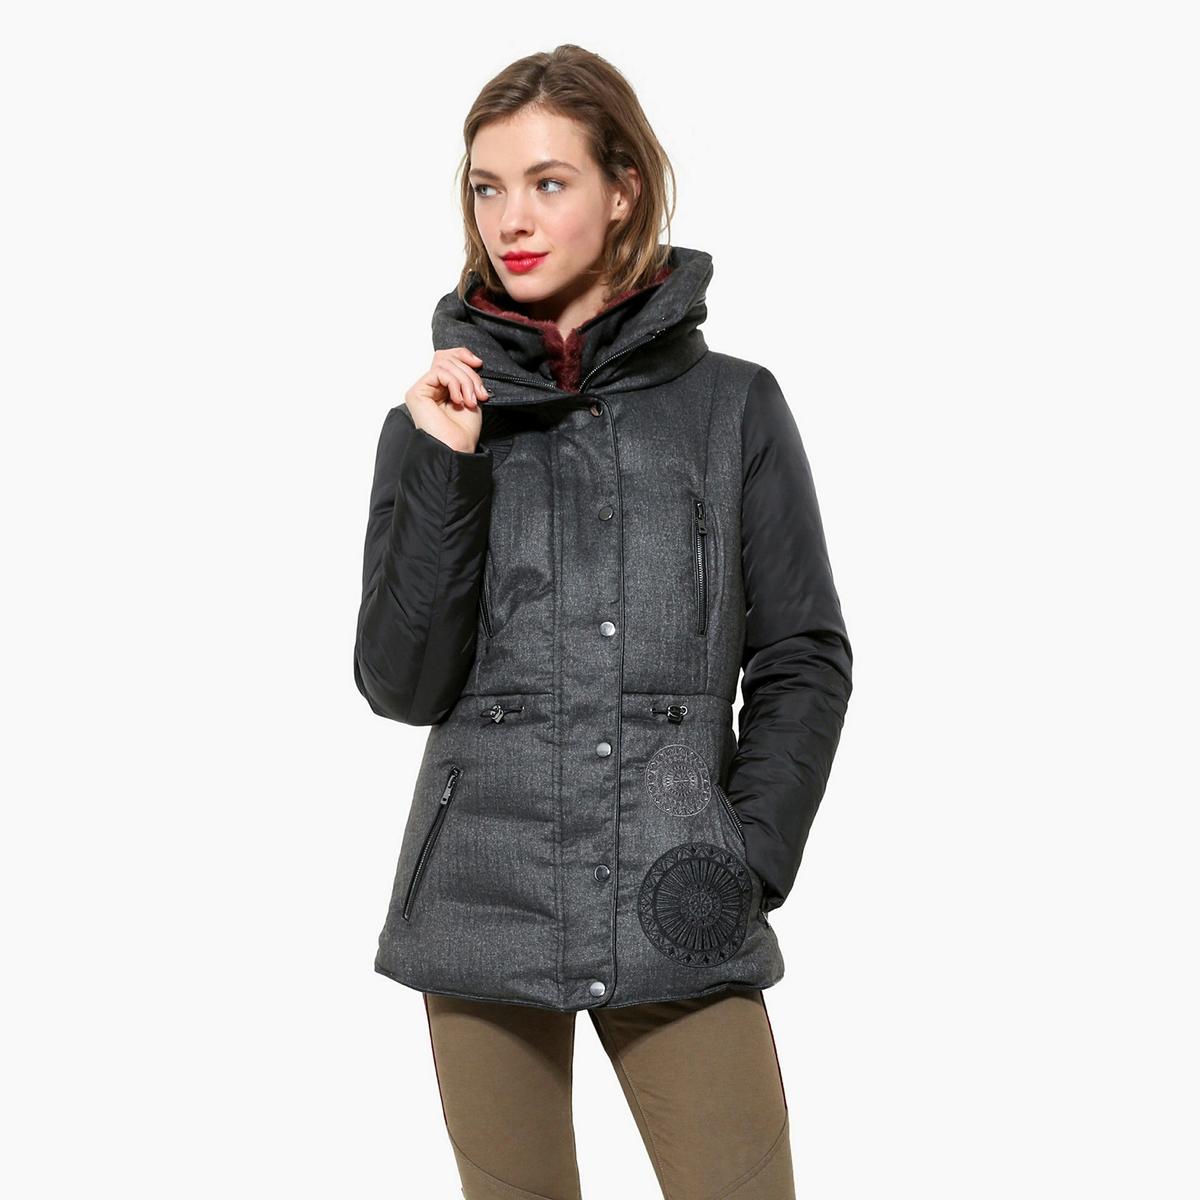 Пальто с капюшономДетали •  Длина  : укороченная   •  Капюшон  •  Застежка на молнию •  С капюшоном Состав и уход •  100% полиэстер •  Следуйте советам по уходу, указанным на этикетке<br><br>Цвет: серый